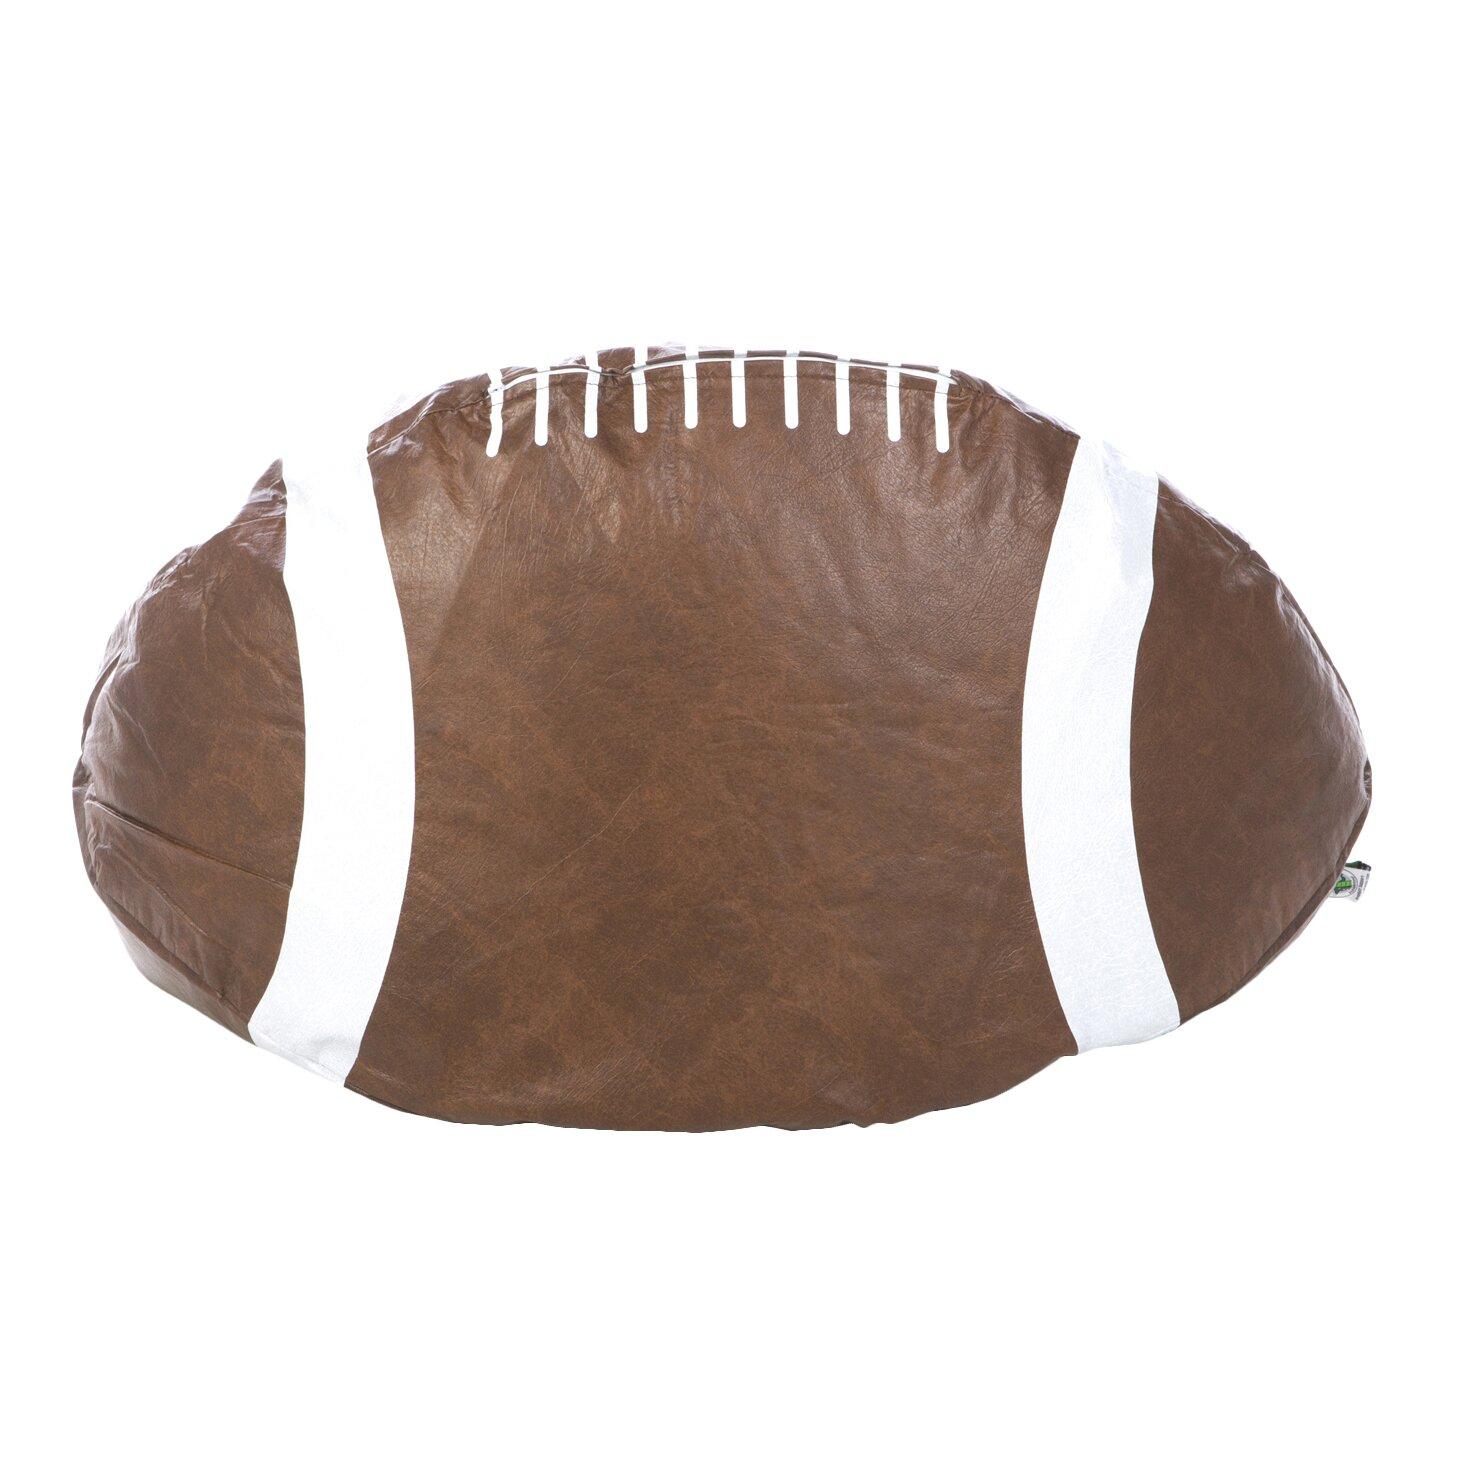 Football Bean Bag Chair